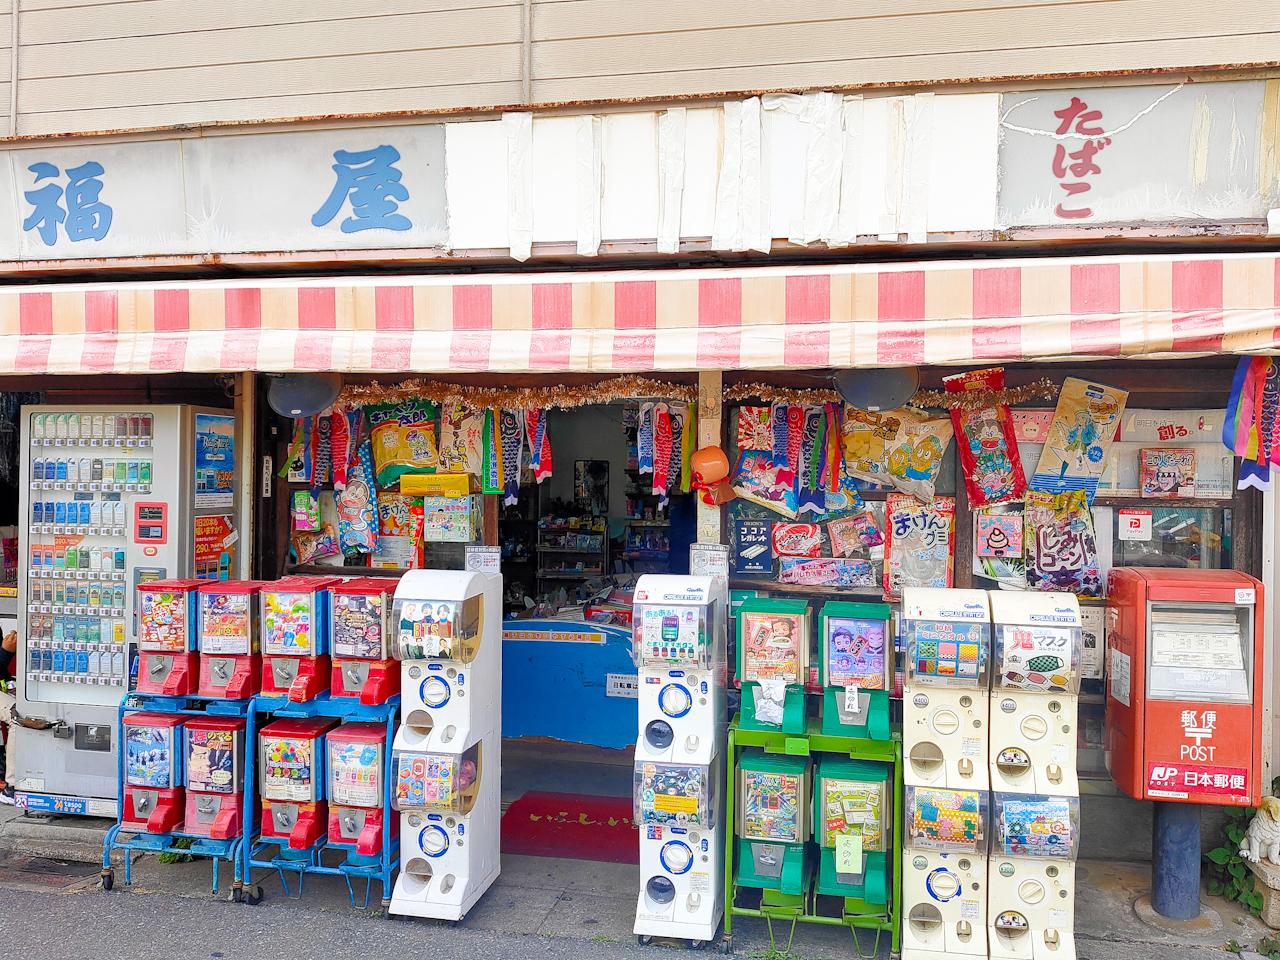 創業71年。与野の街中にある食料品店「福屋」さん